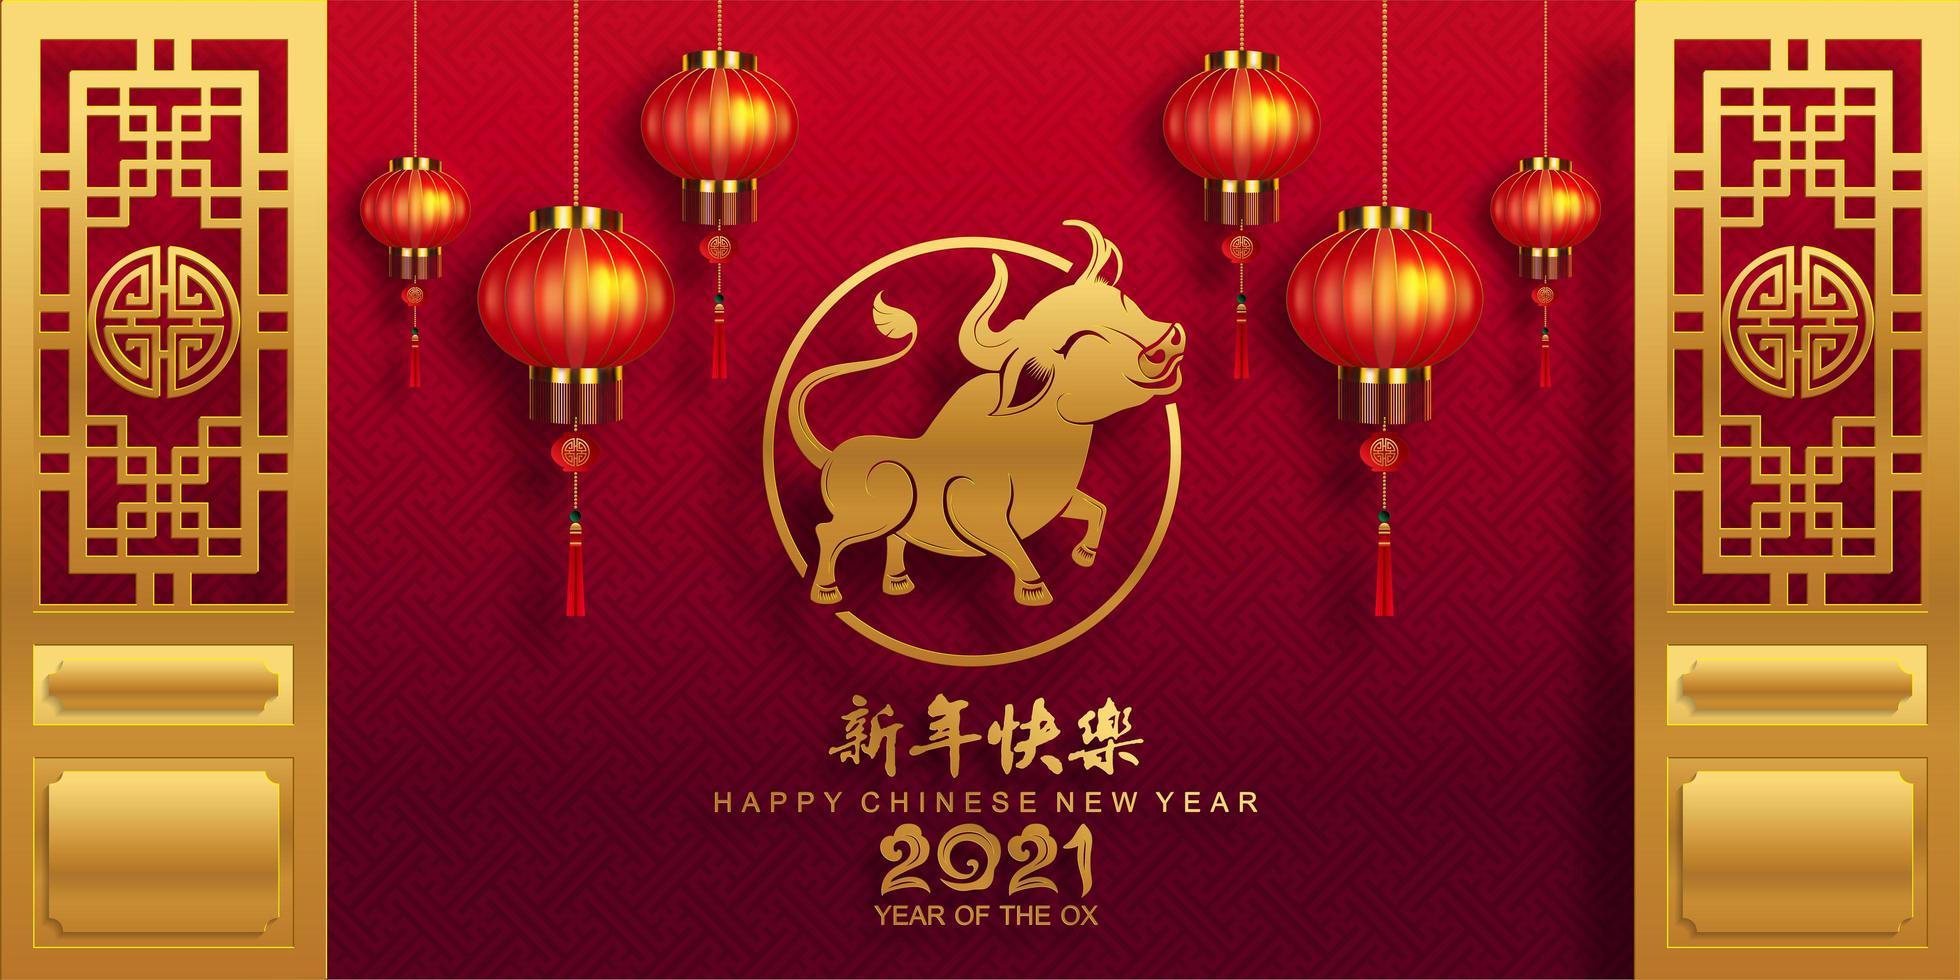 bannière du nouvel an chinois 2021 avec lanternes et boeuf vecteur